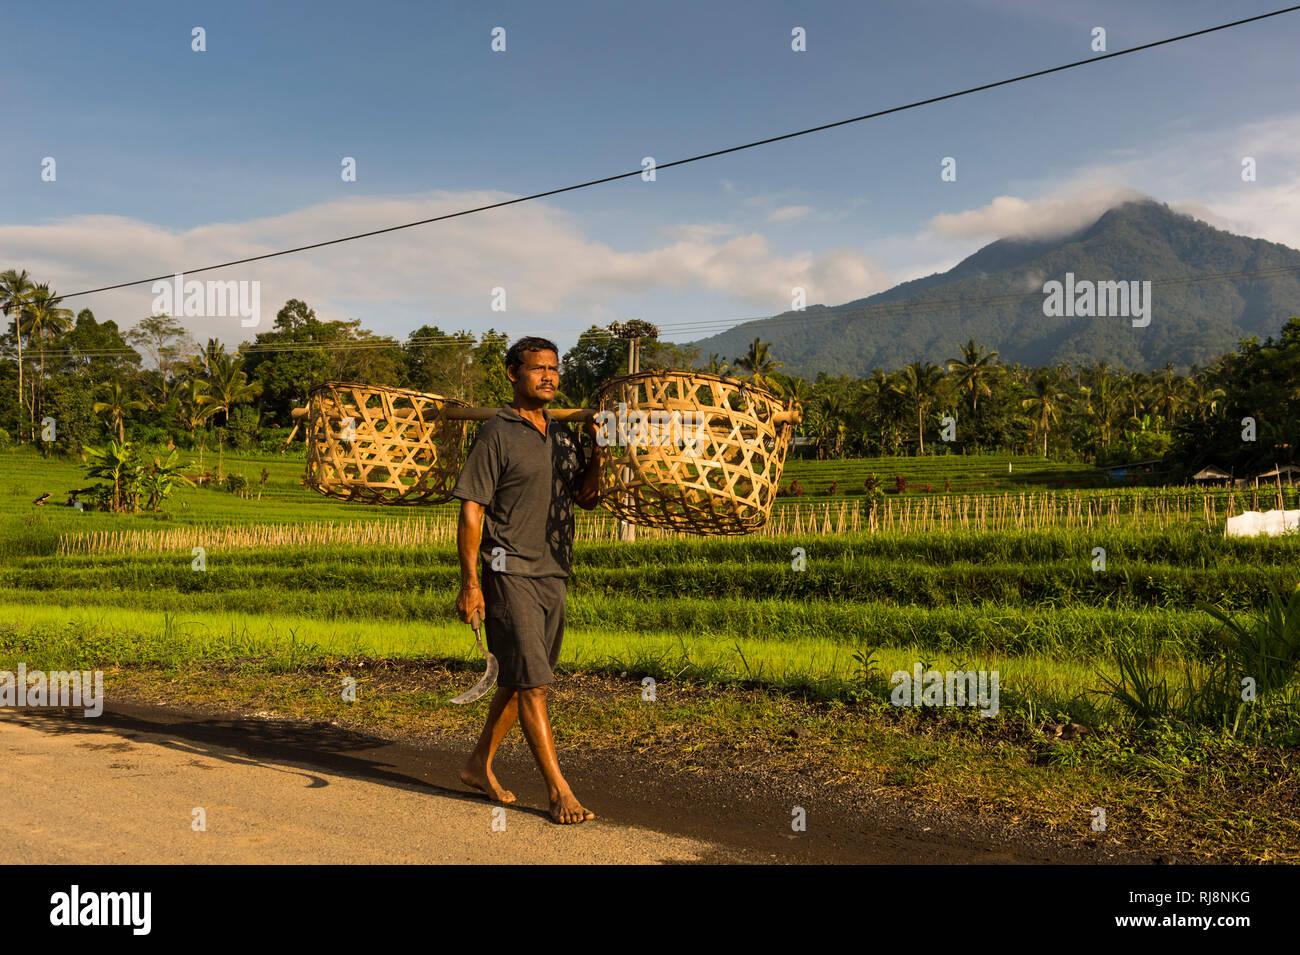 Mann trägt Körbe, im Hintergrund der Berg Gunung Batu Karu Stockbild